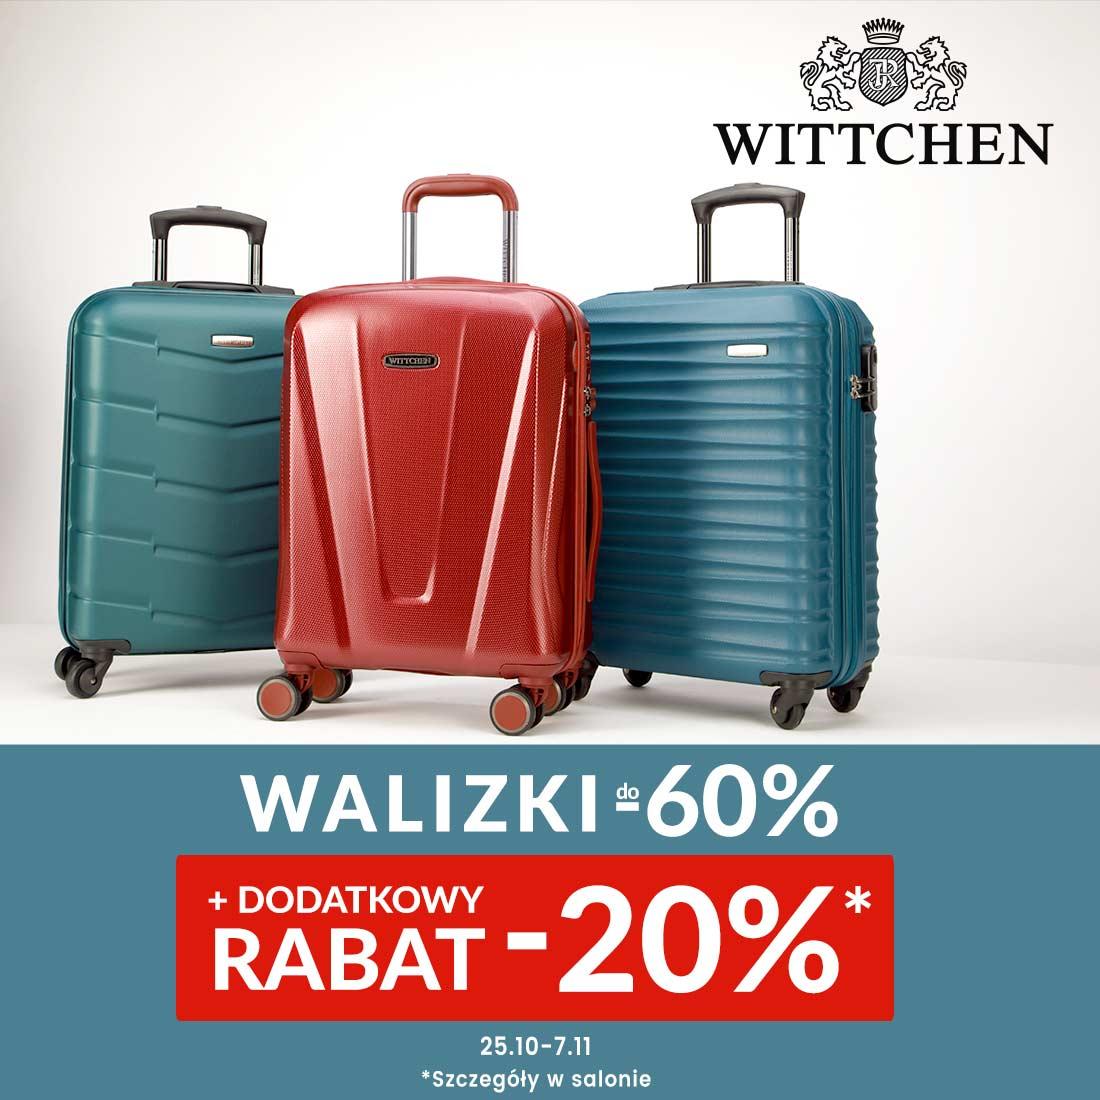 WITTCHEN: walizki do -60% + ekstra rabat